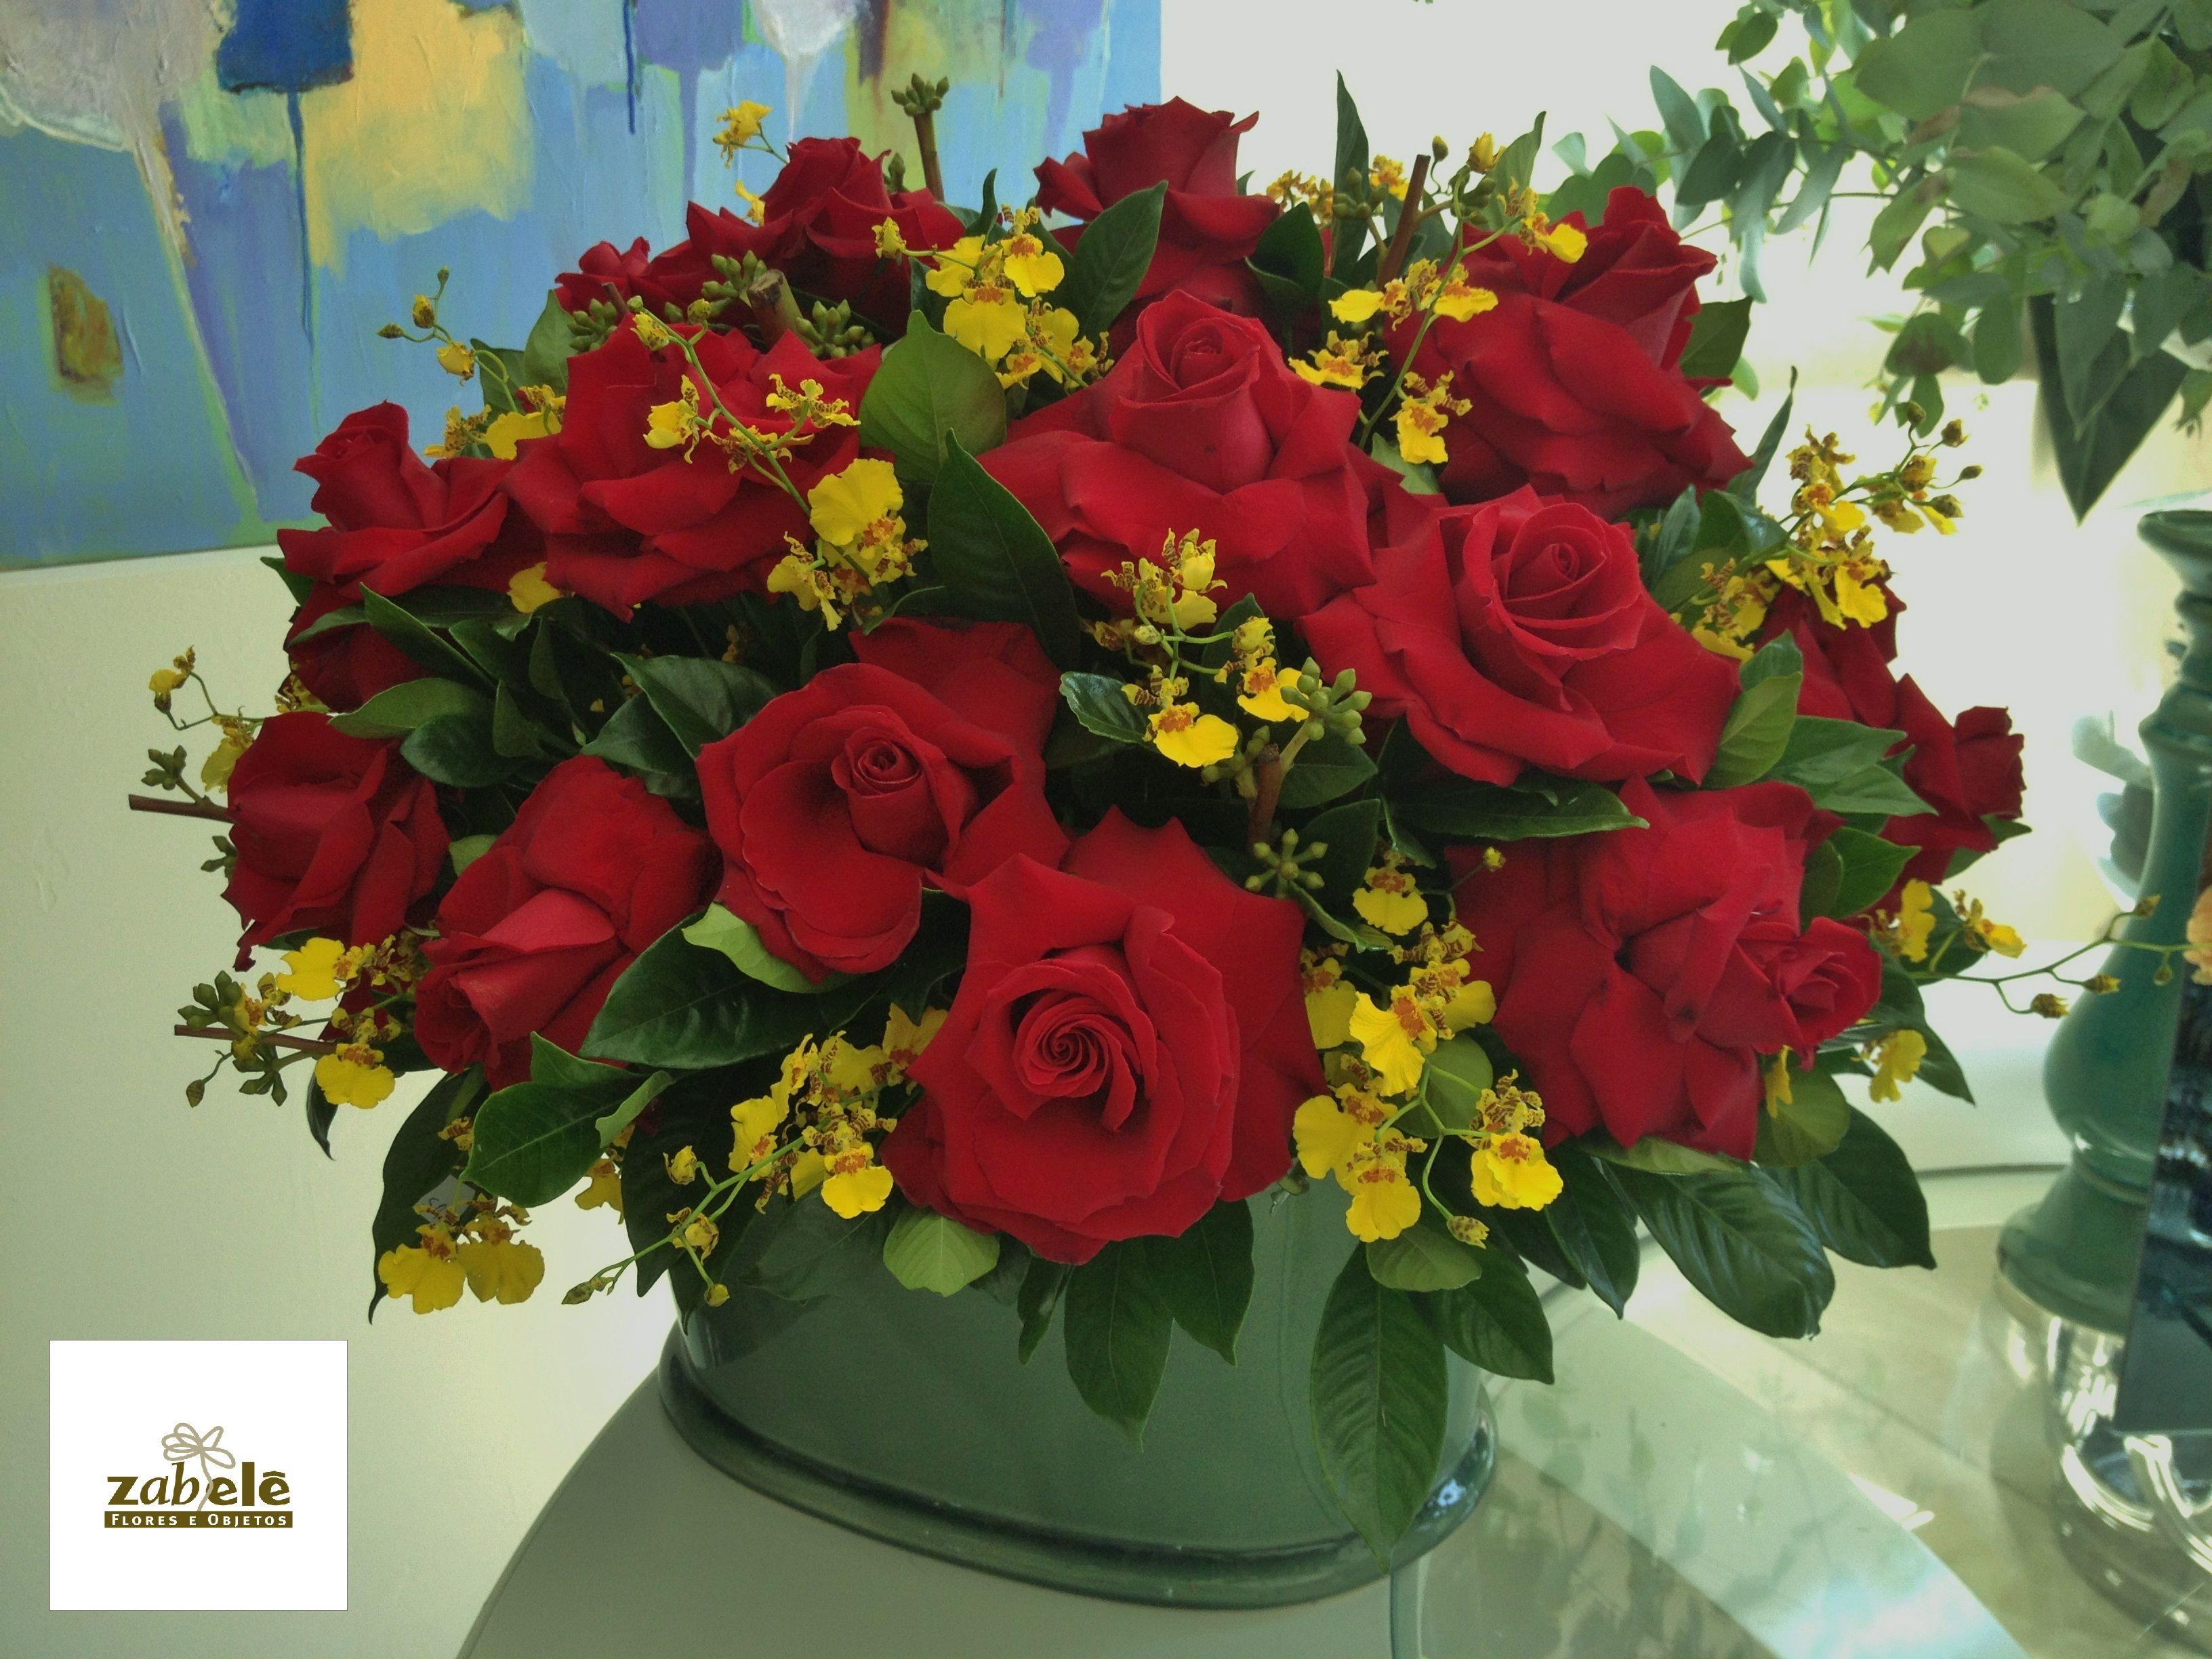 Pin De Zabele Decor Eventos E Flores Em Assinatura De Flores